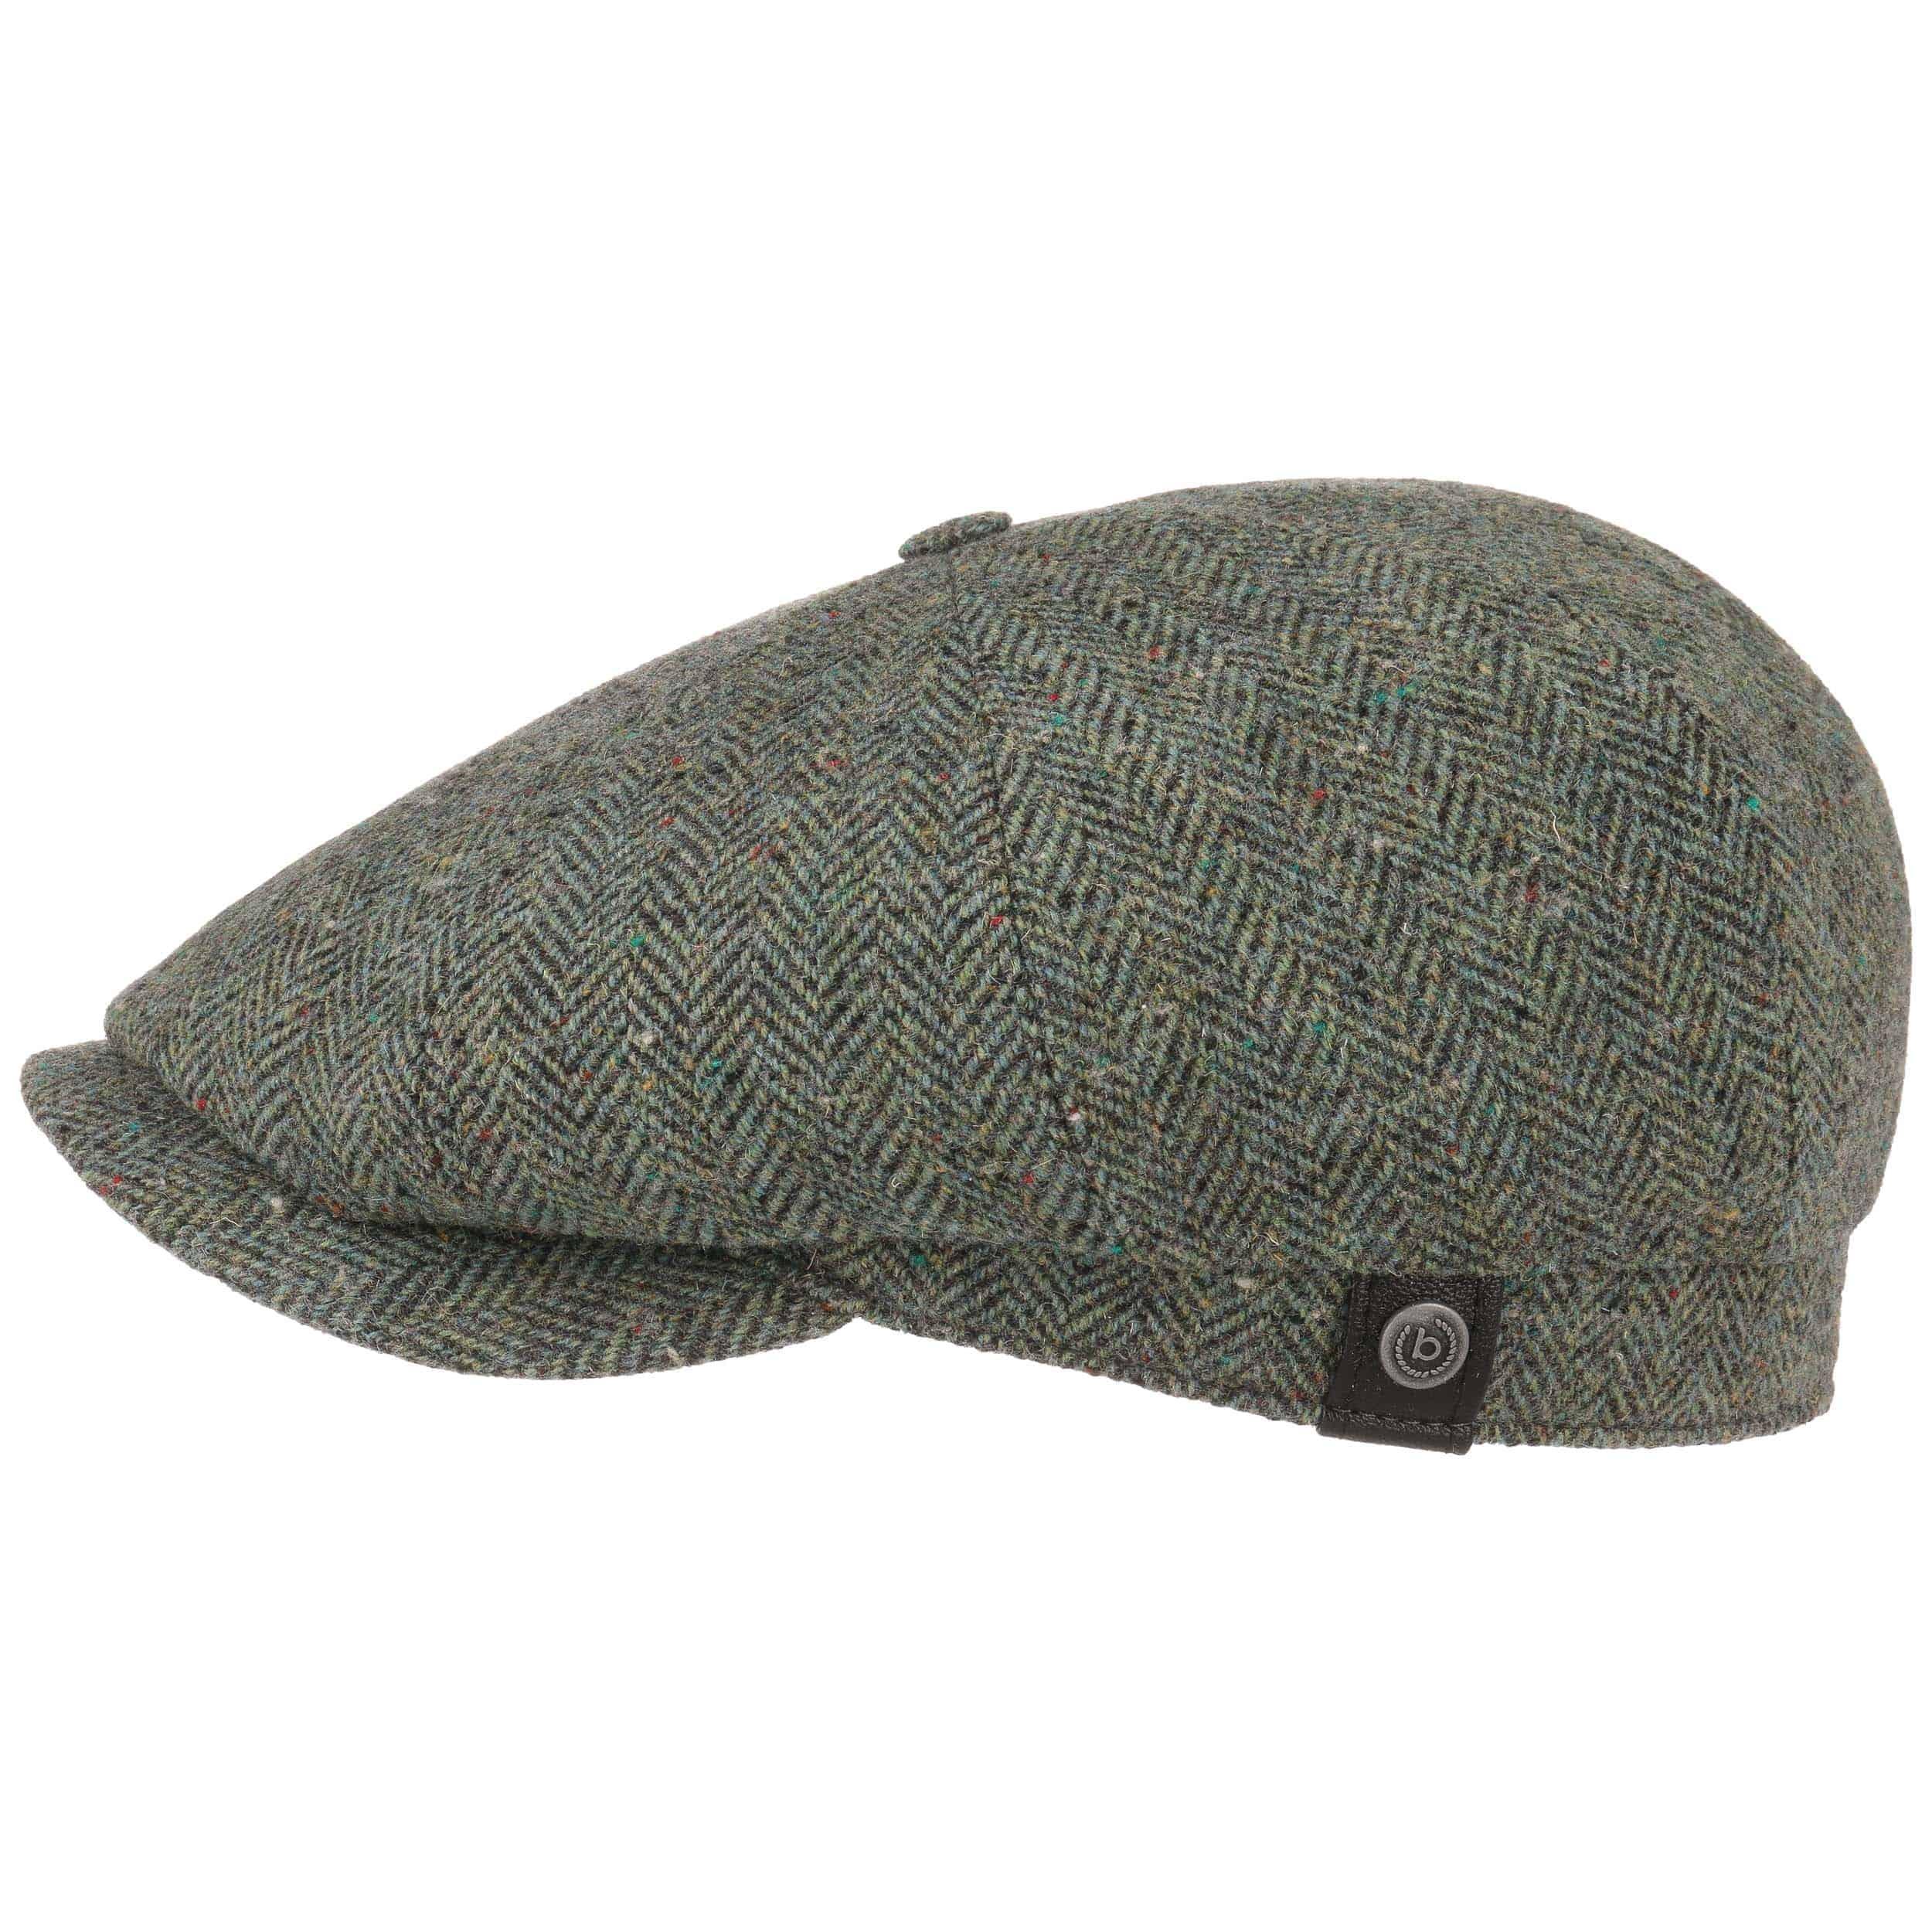 ... factory authentic d247f 1f761 8 panel flat caps at Village Hat Shop -  Hats and Caps ... 219ada104fc